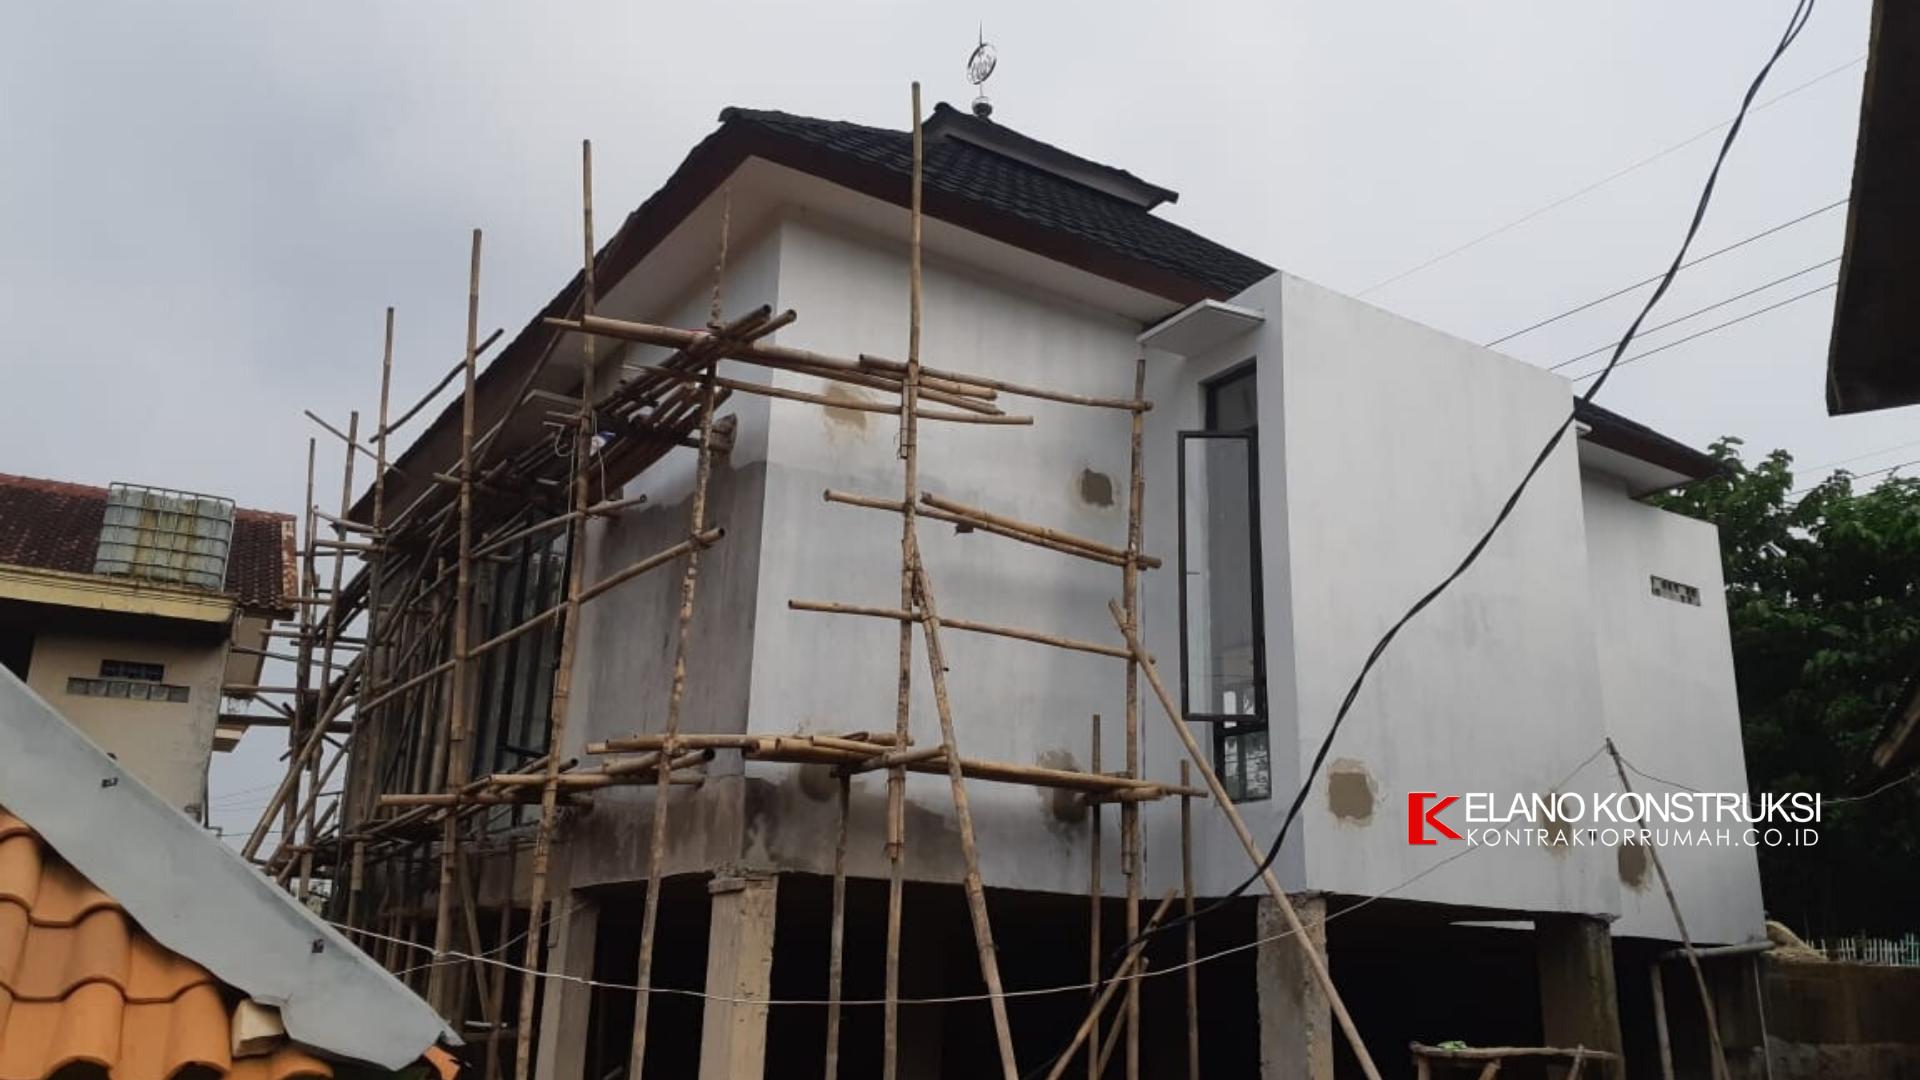 4 1 - Konstruksi Masjid Pesantren Alanwariyah 230 M2 Banten Jawa Barat